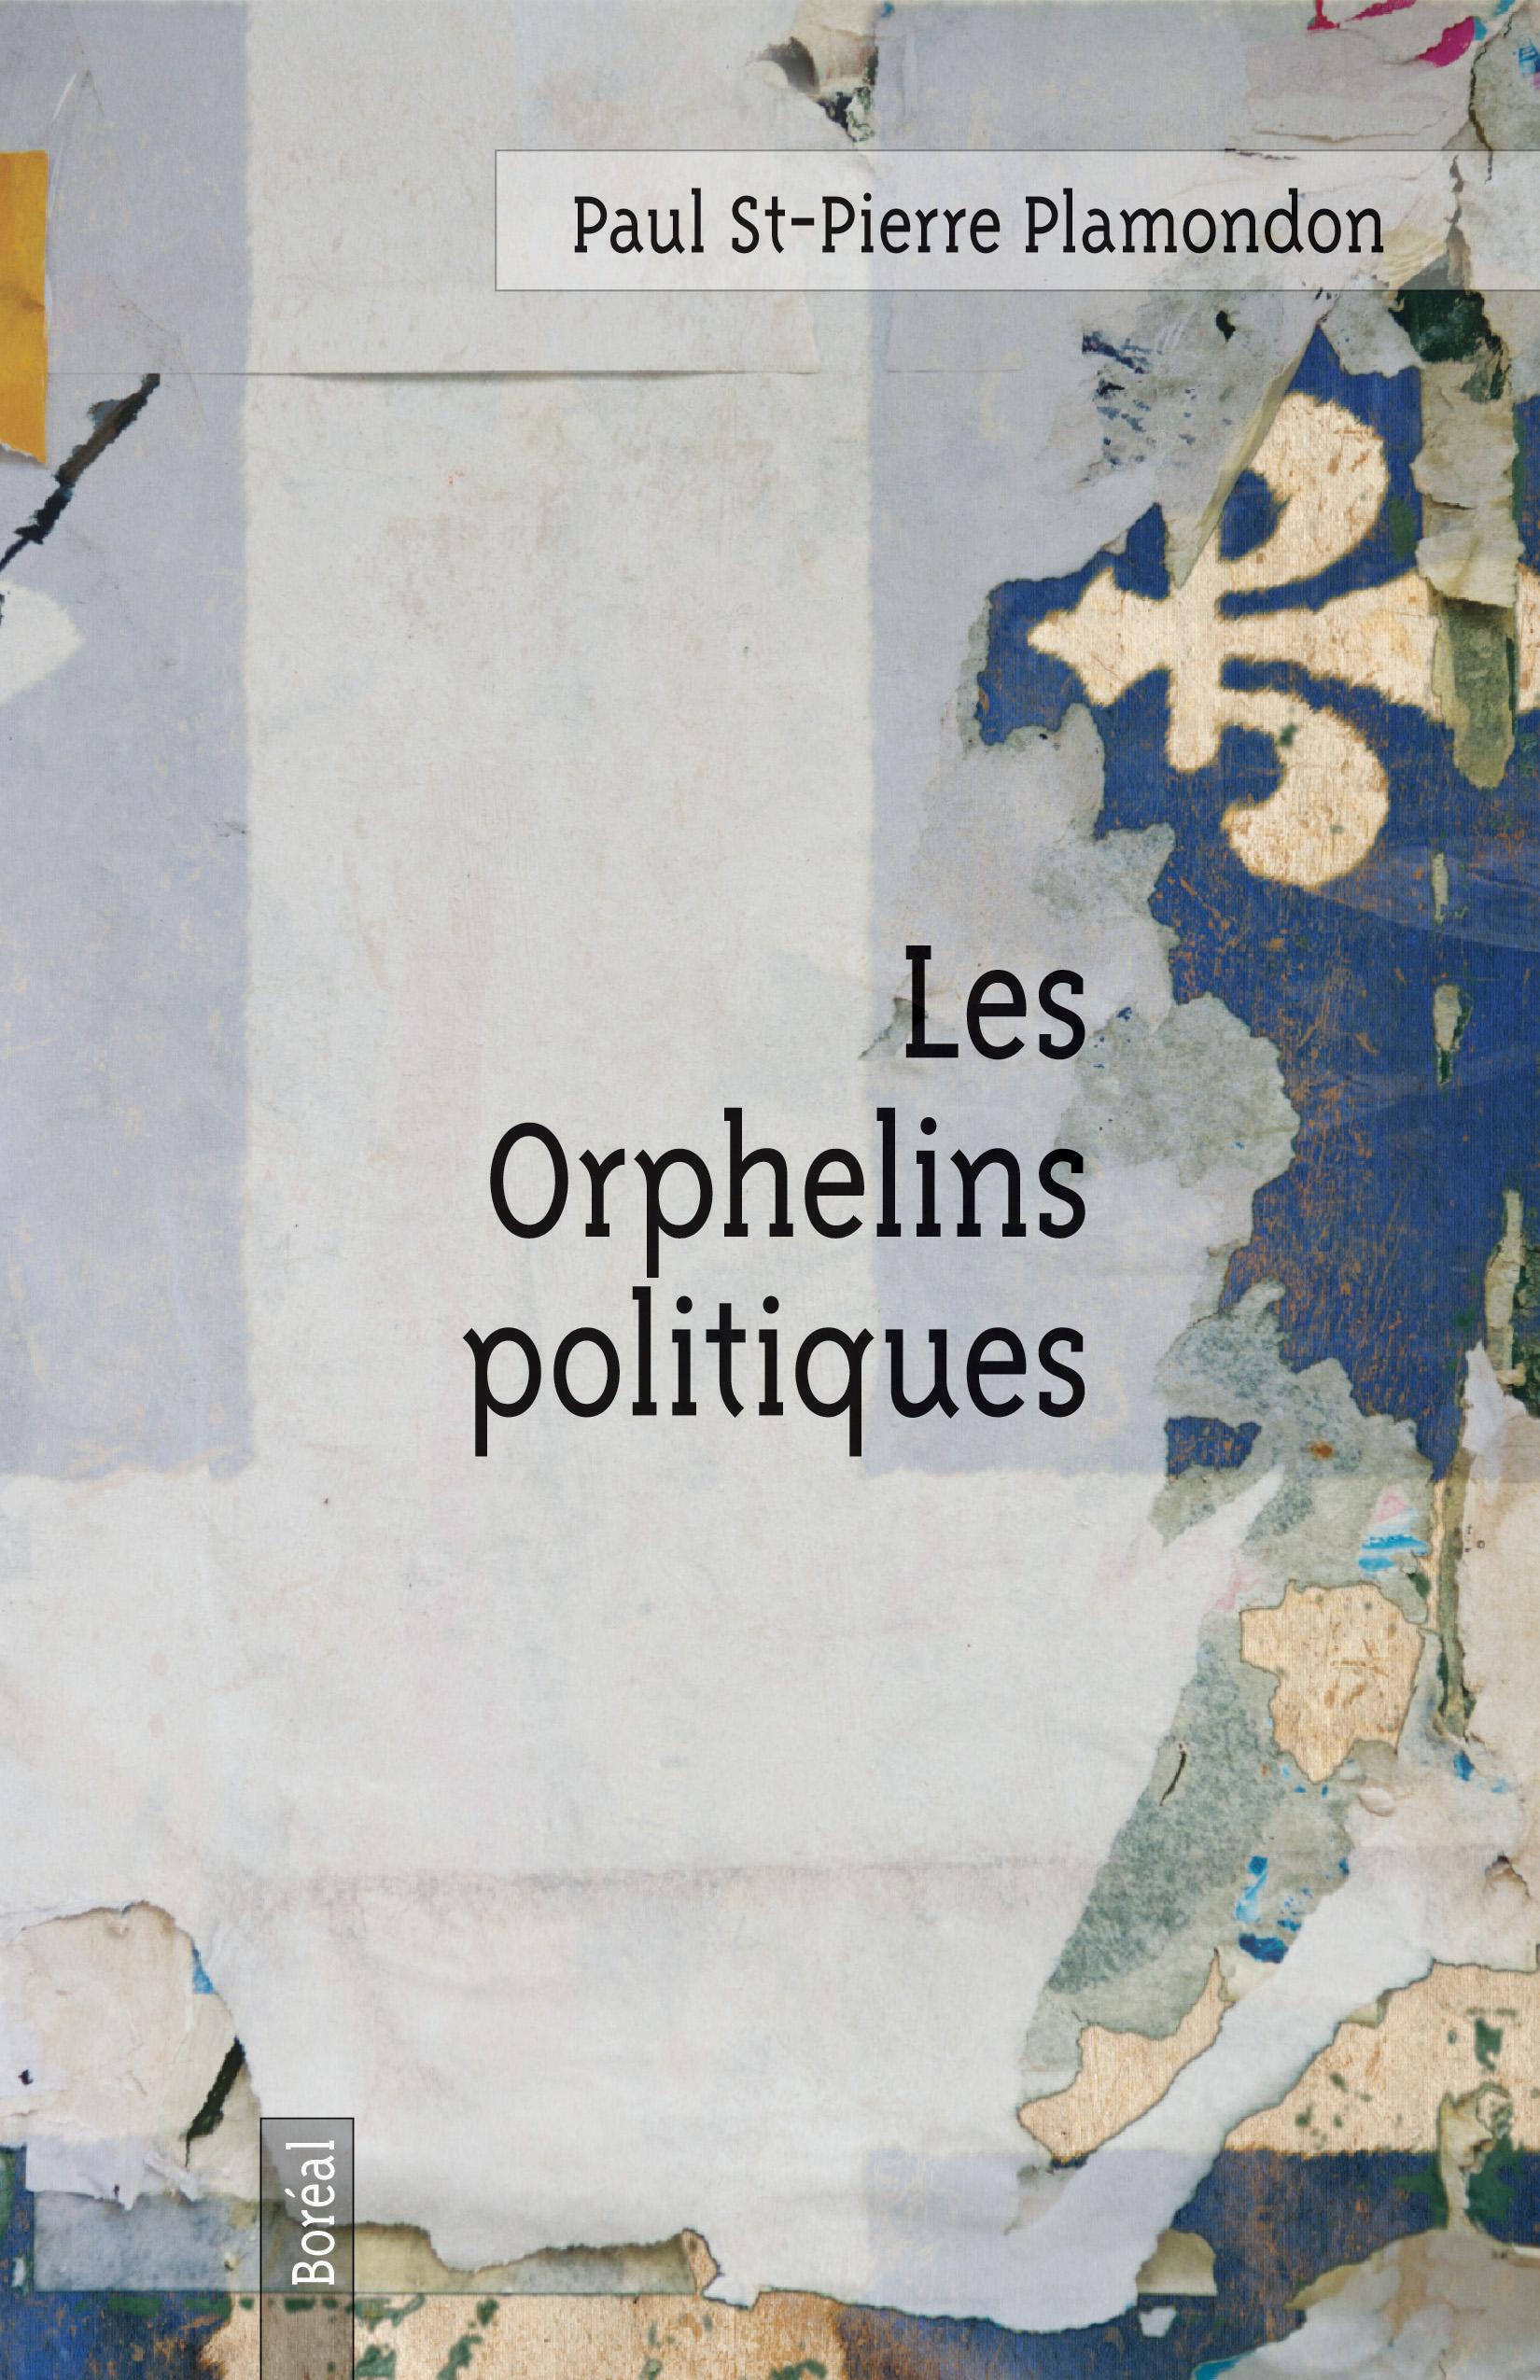 Les Orphelins politiques